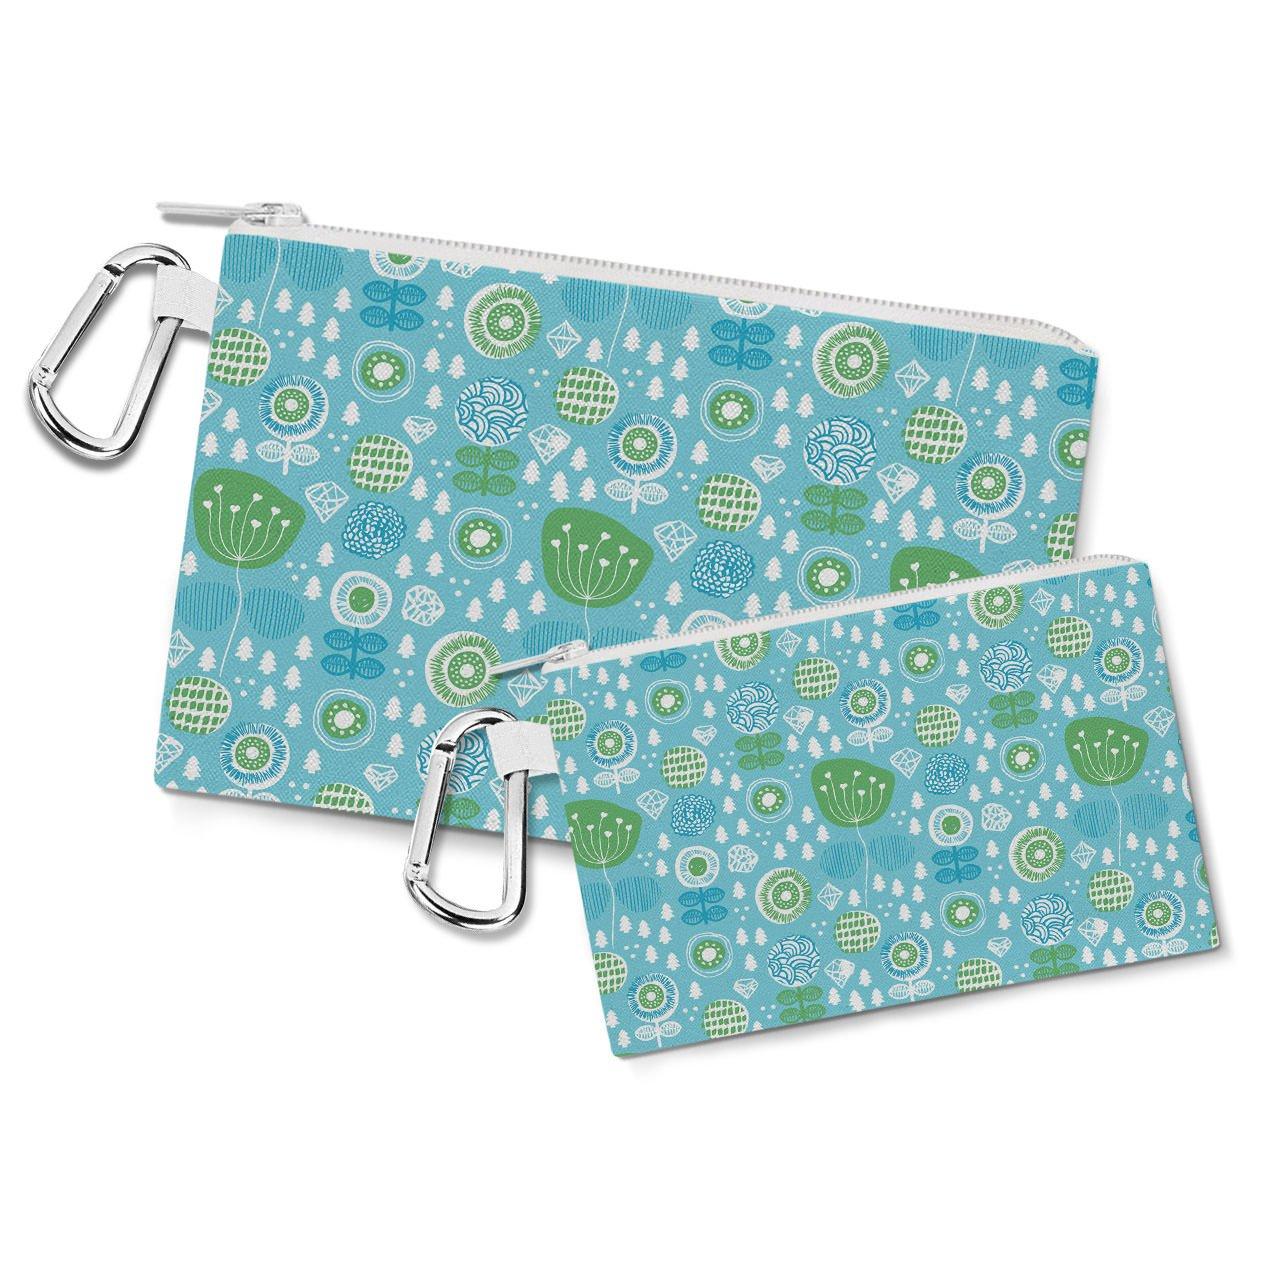 Amazon.com: Poppy Garden Bolsa de lona para funda con cierre ...